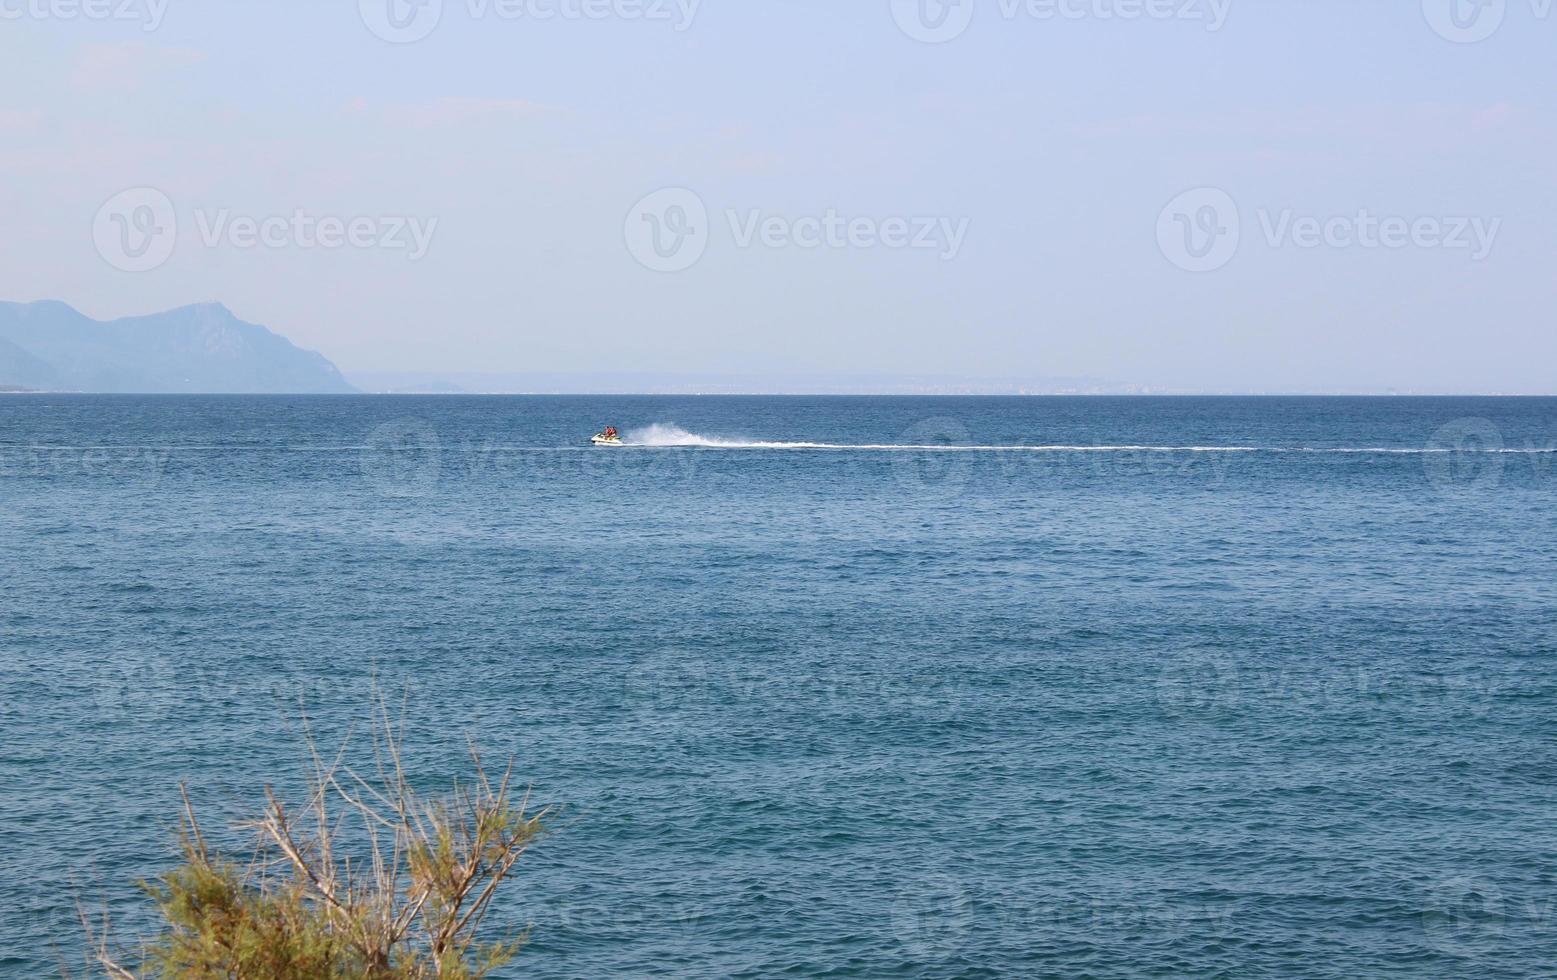 paisaje marino con montañas y gente en una moto de agua foto